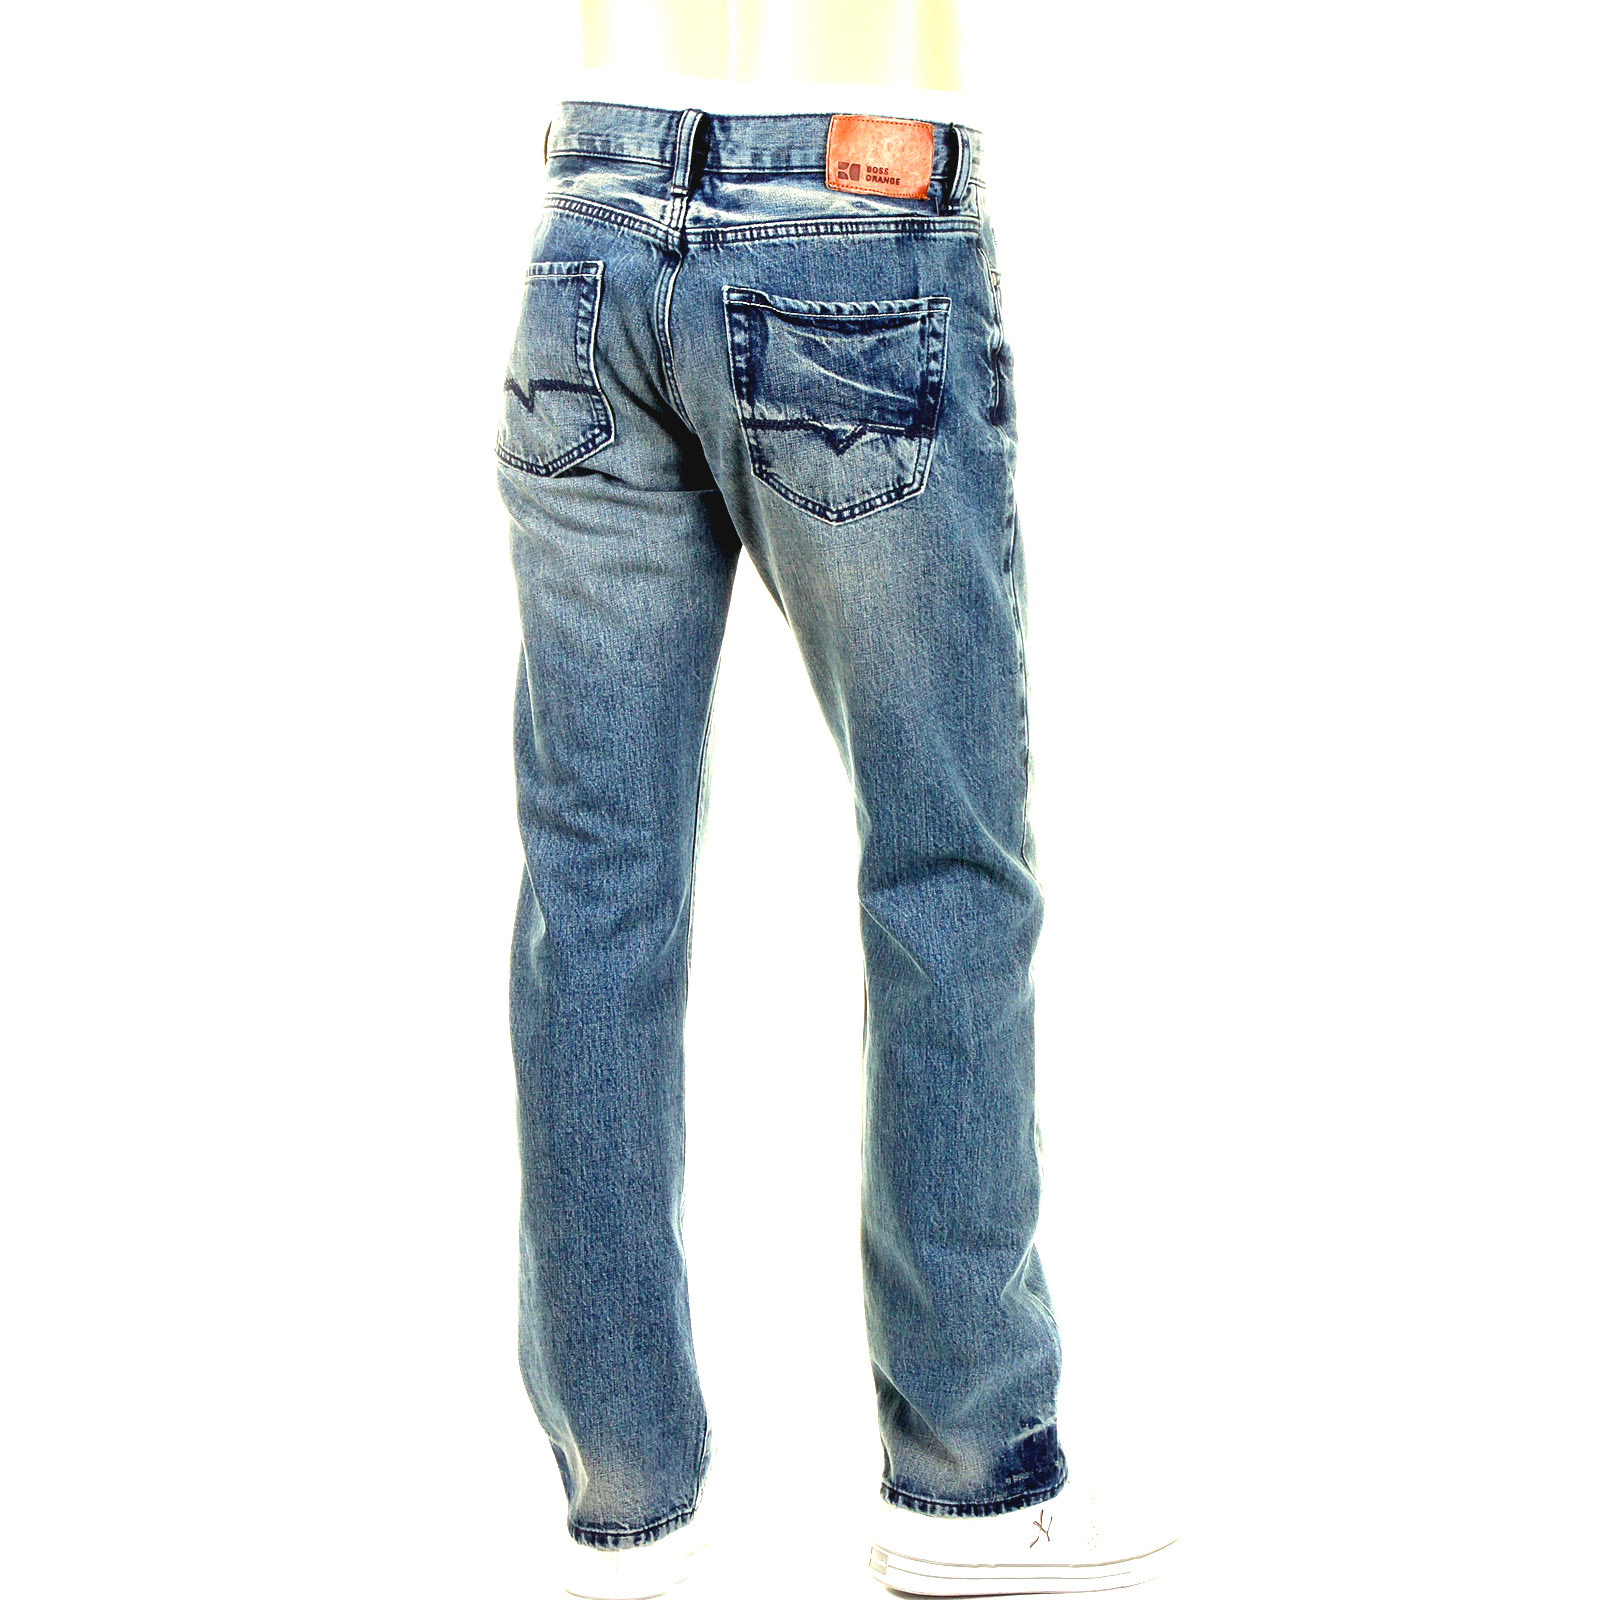 boss orange jeans hb25 50177602 420 selvage hugo boss denim jean. Black Bedroom Furniture Sets. Home Design Ideas